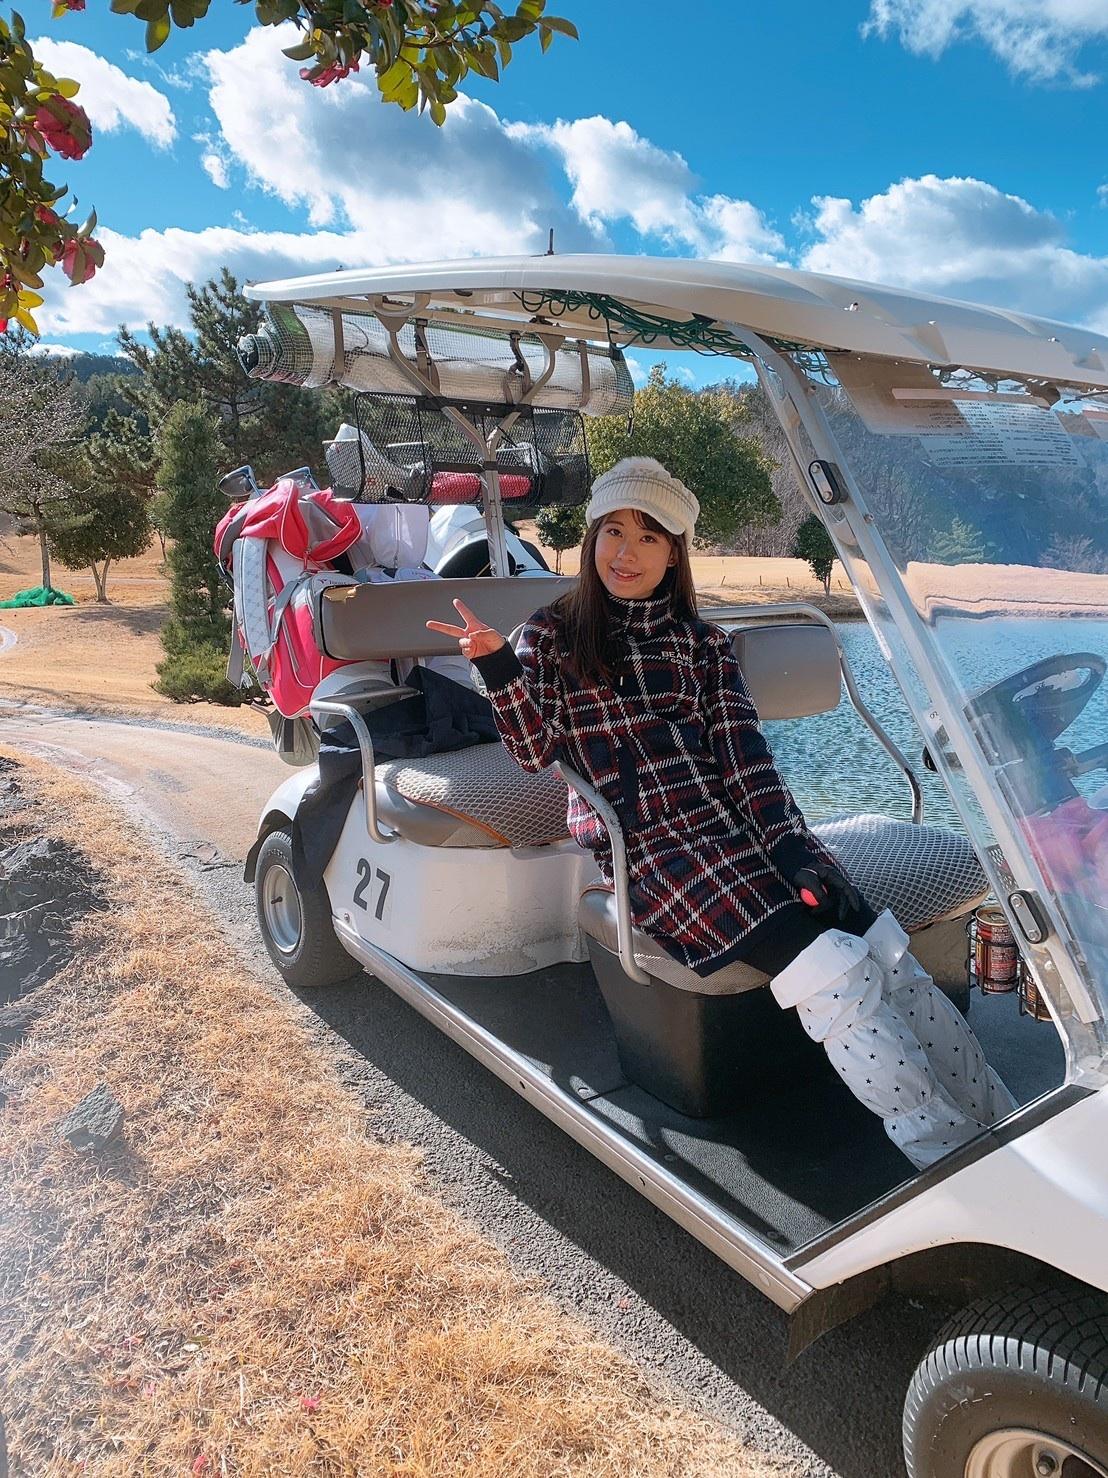 可愛いゴルフウェア紹介♡ソーシャルディスタンスで楽しめます_1_2